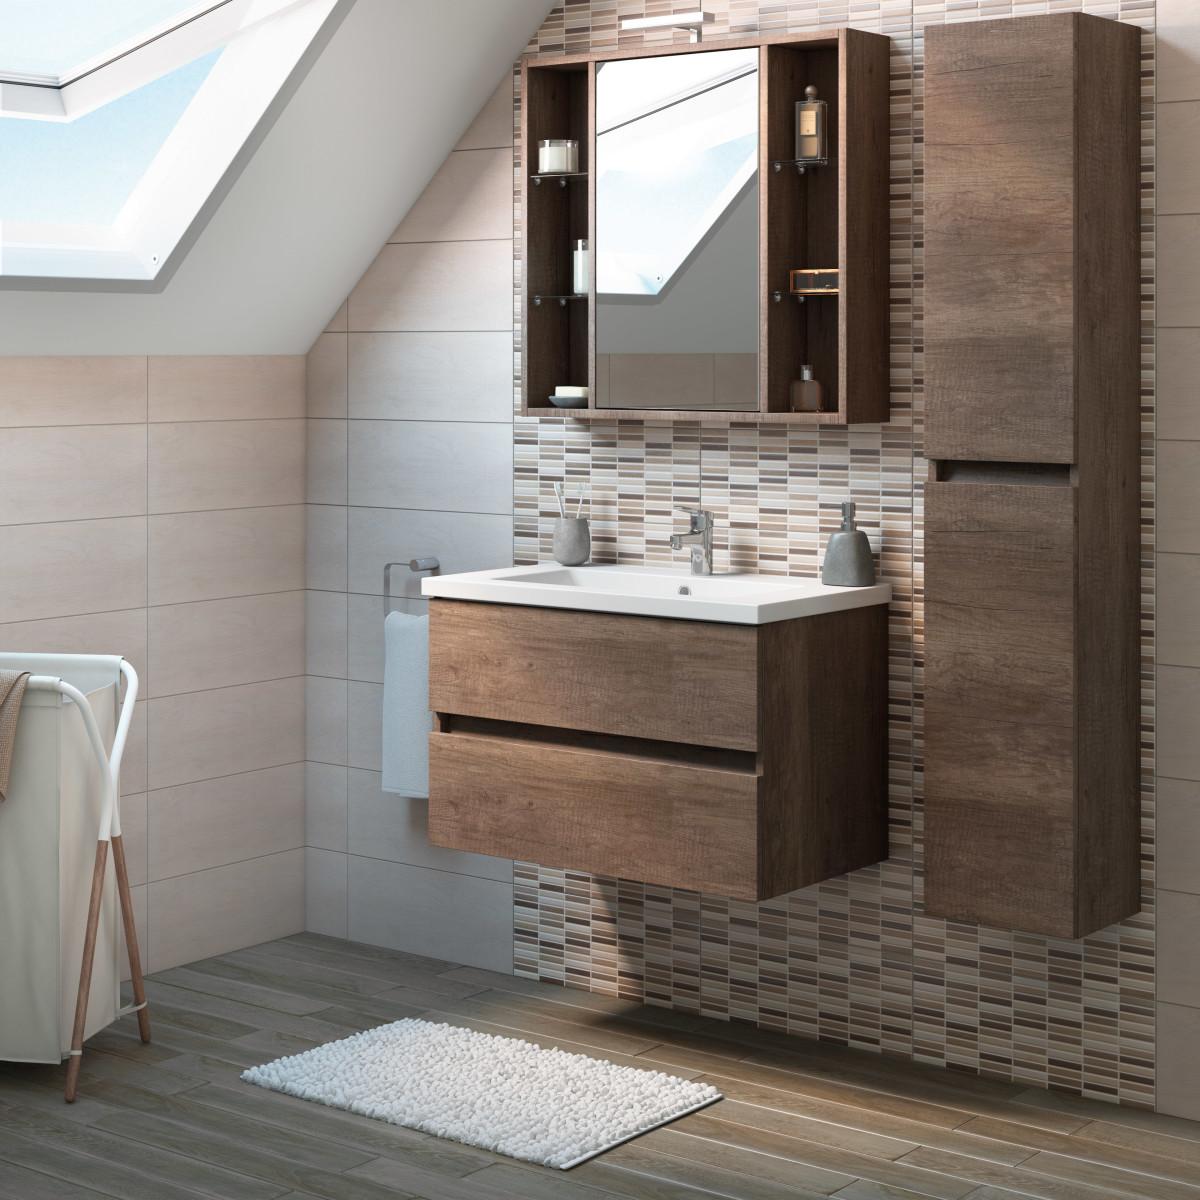 Mobili bagno sospesi moderni mobili bagno sospesi di for Offerte bagni completi moderni